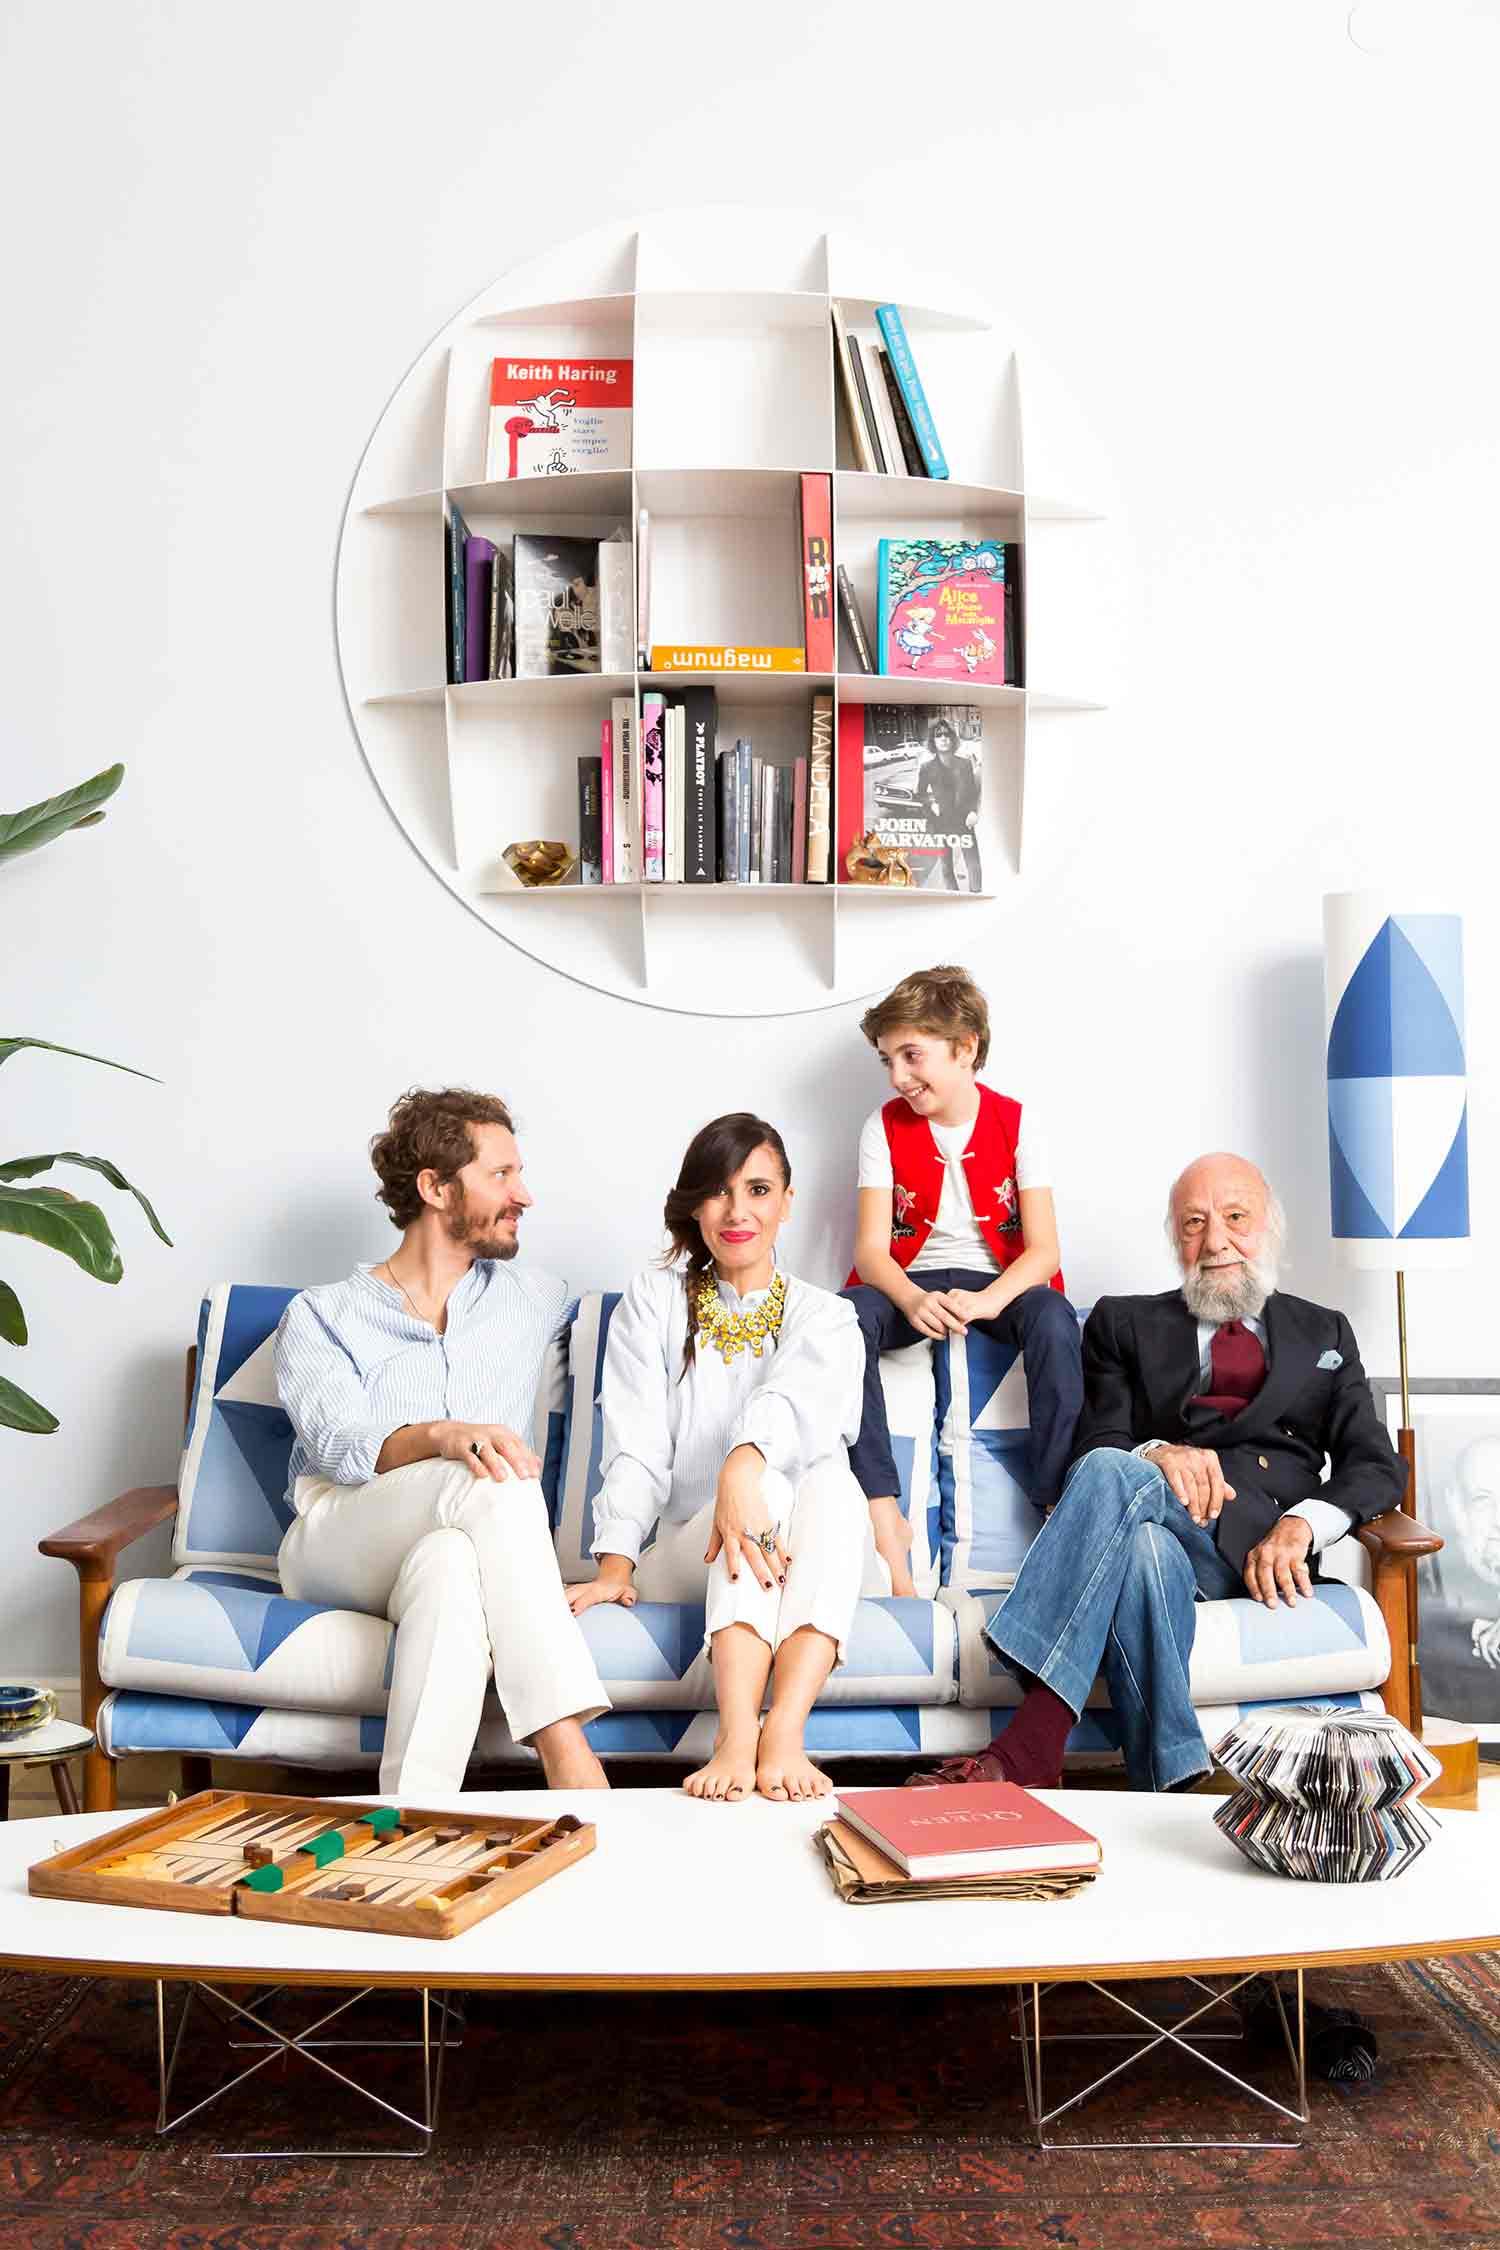 Paola Maugeri, Casa, Tv, Stile, Eclettico